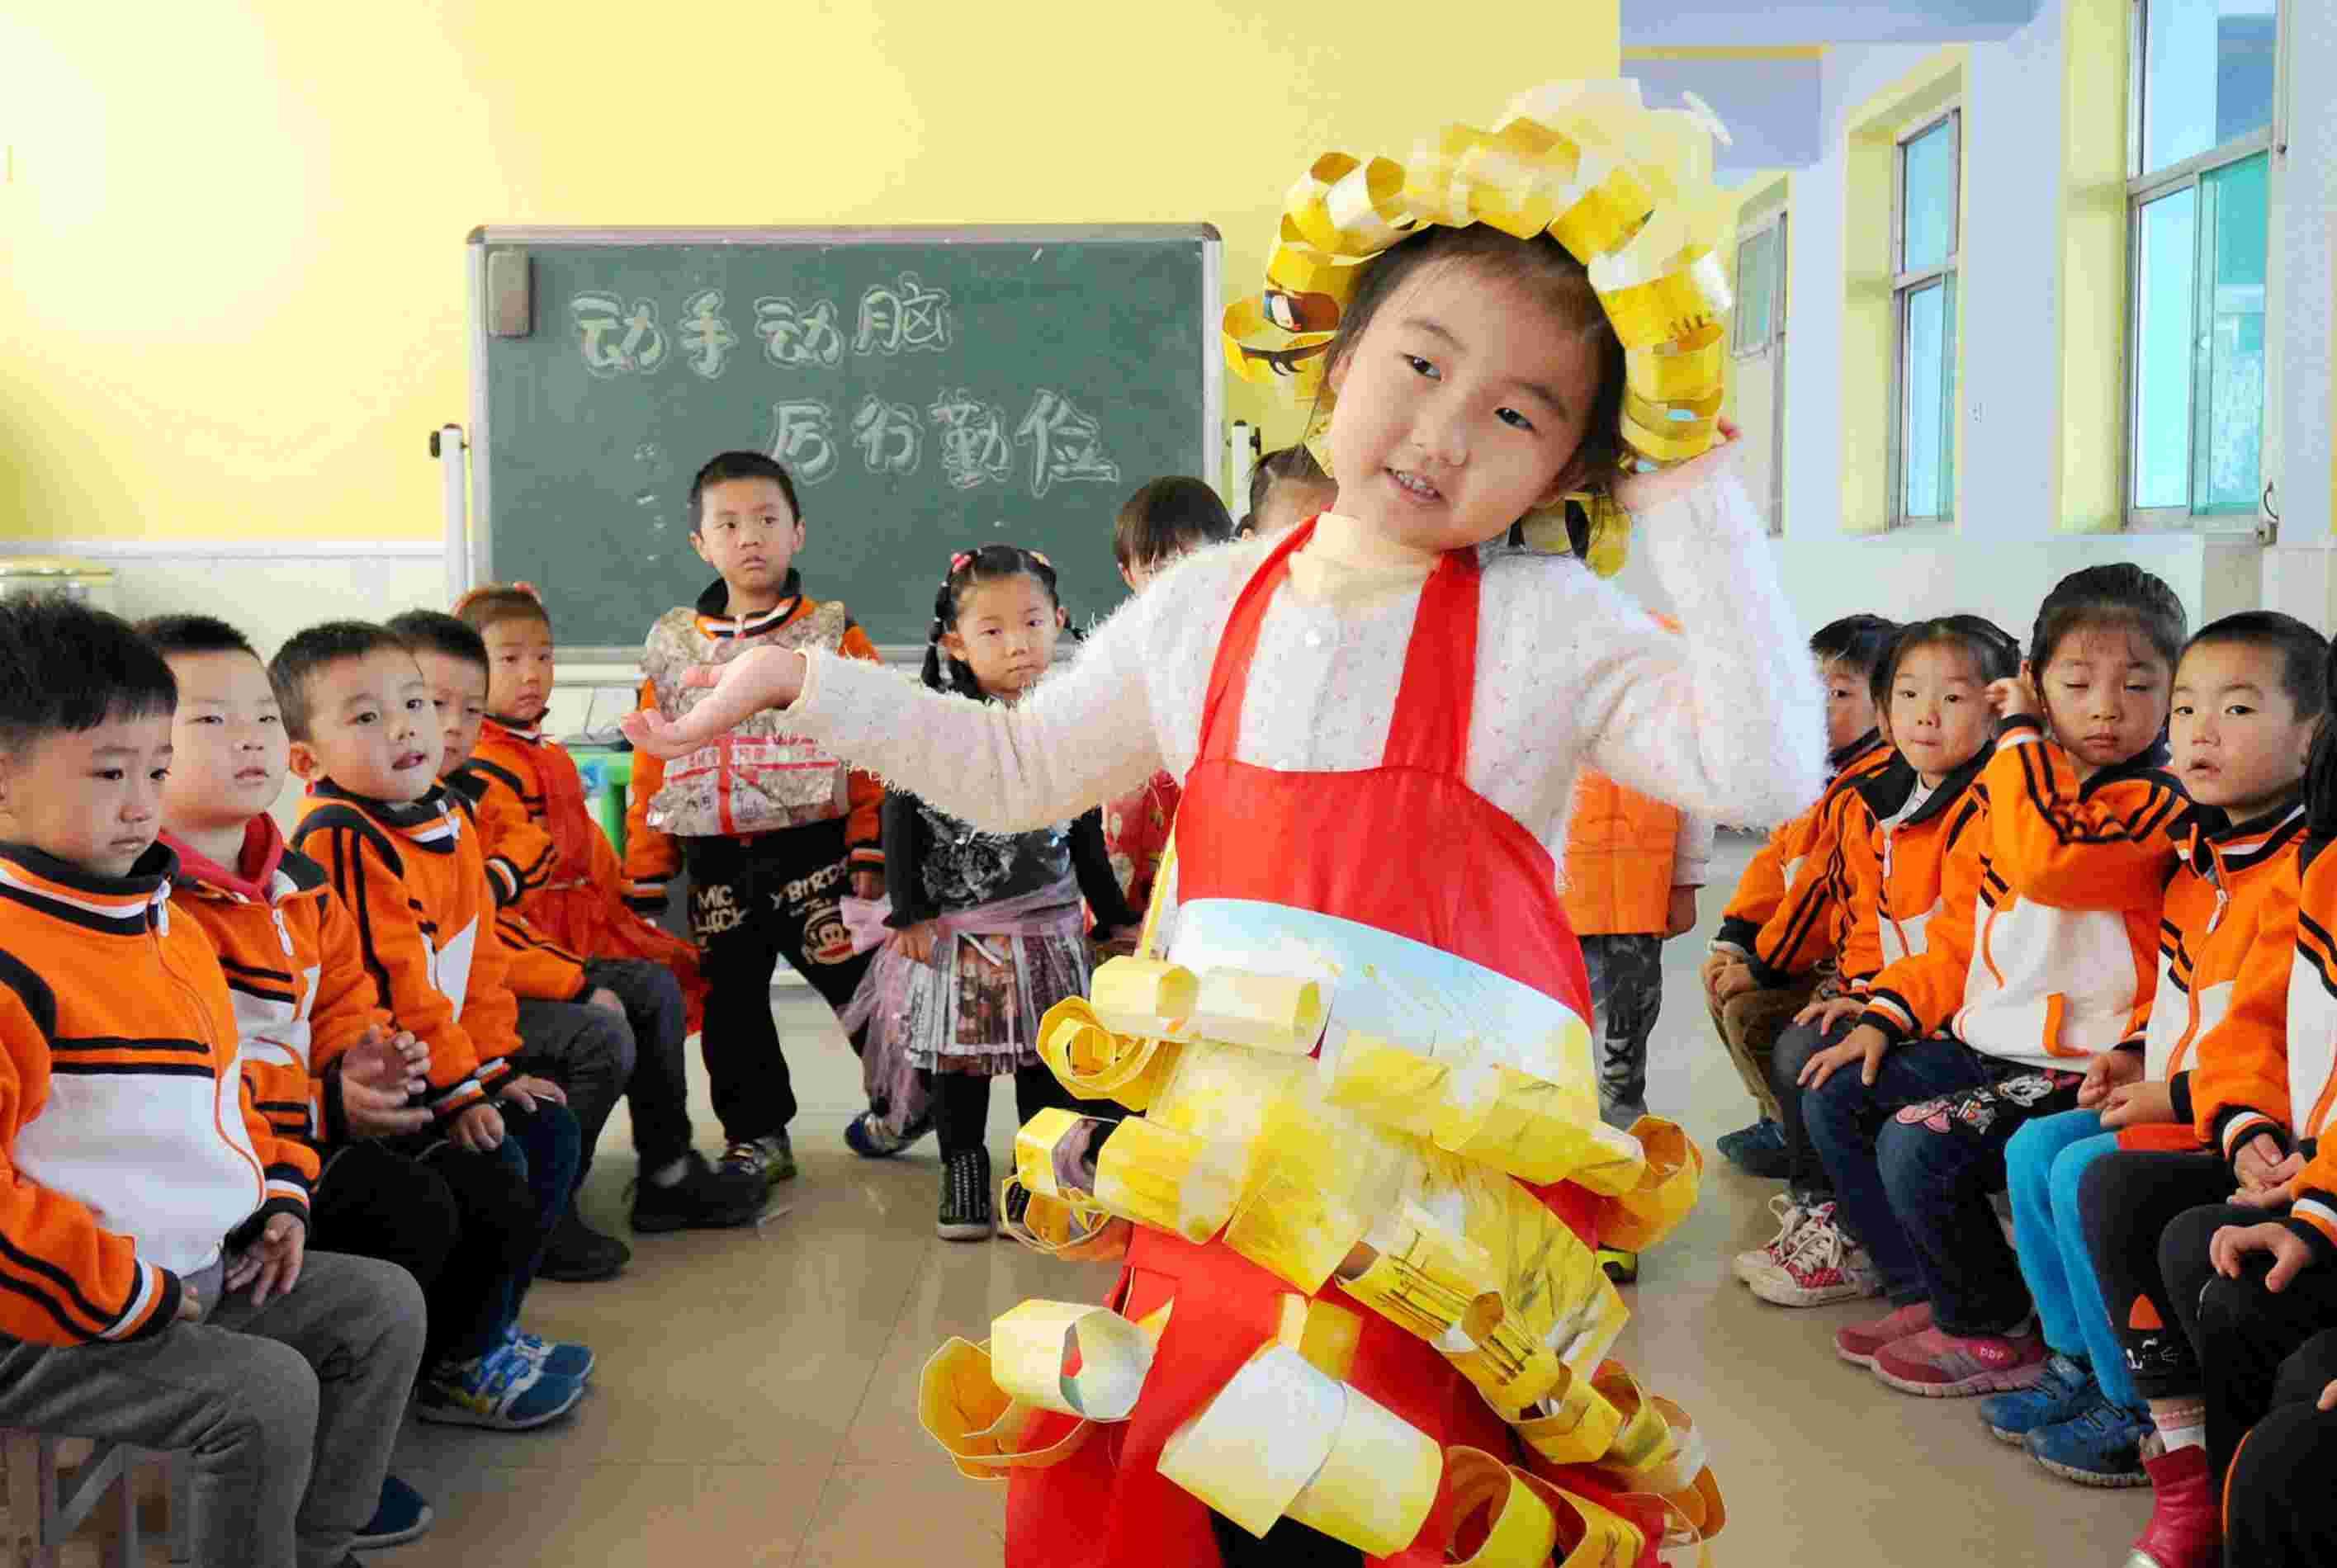 """""""变废为宝倡勤俭""""主题活动,组织孩子们利用废旧物品制作各种手工艺品"""